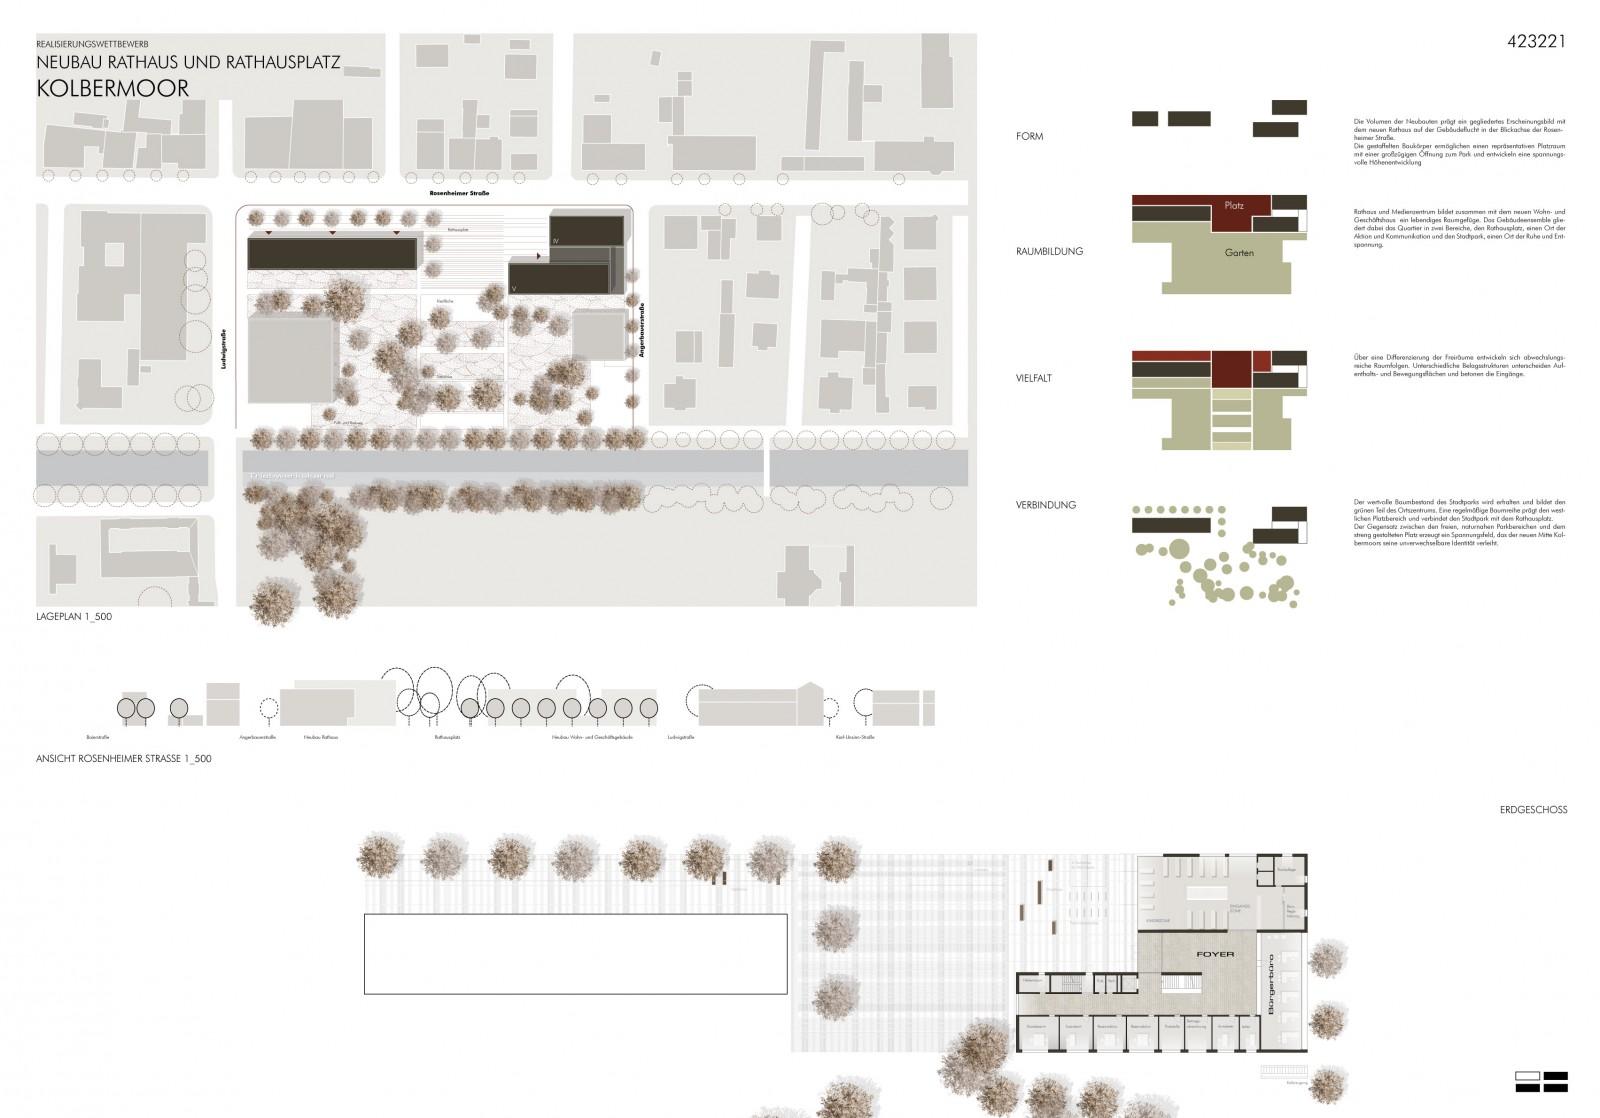 Wettbewerb Rathaus Kolbermoor